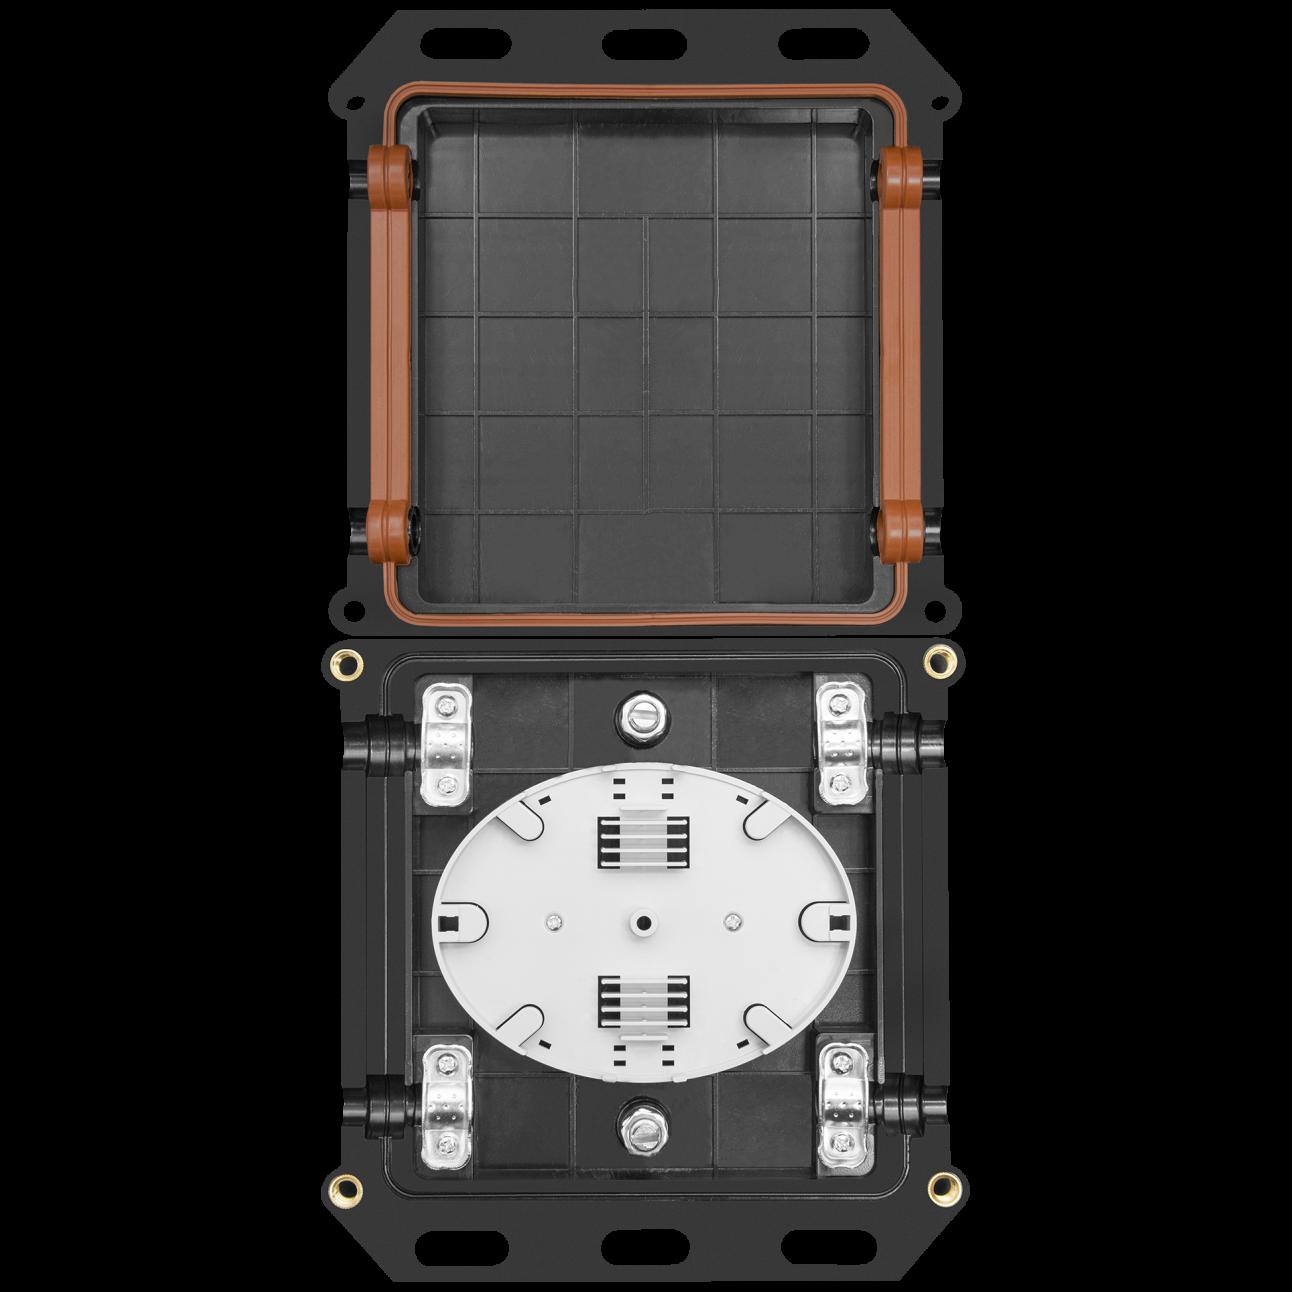 Муфта оптическая компактная серии SNR-FOSC-X